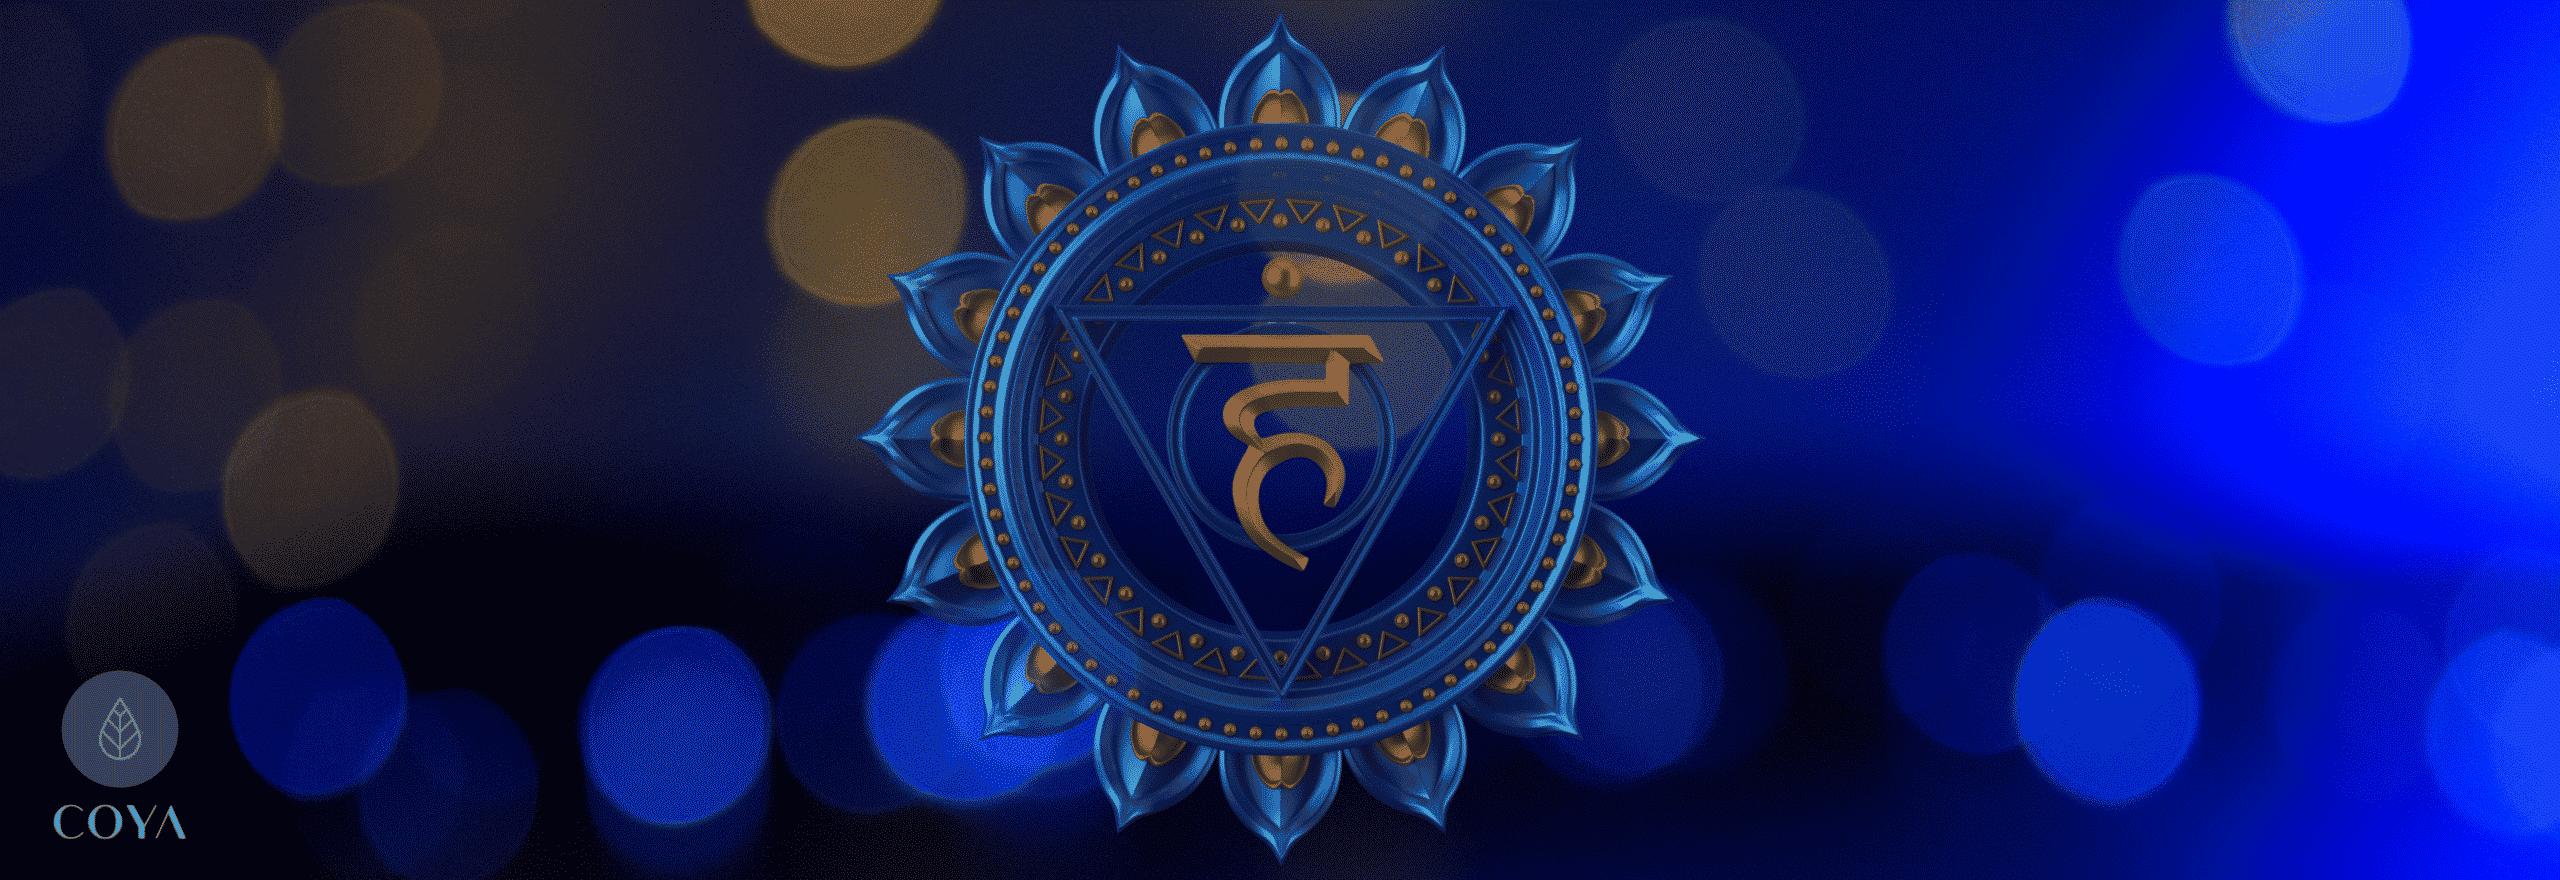 Το τσάκρα του λαιμού ή αλλιώς Vishuddha